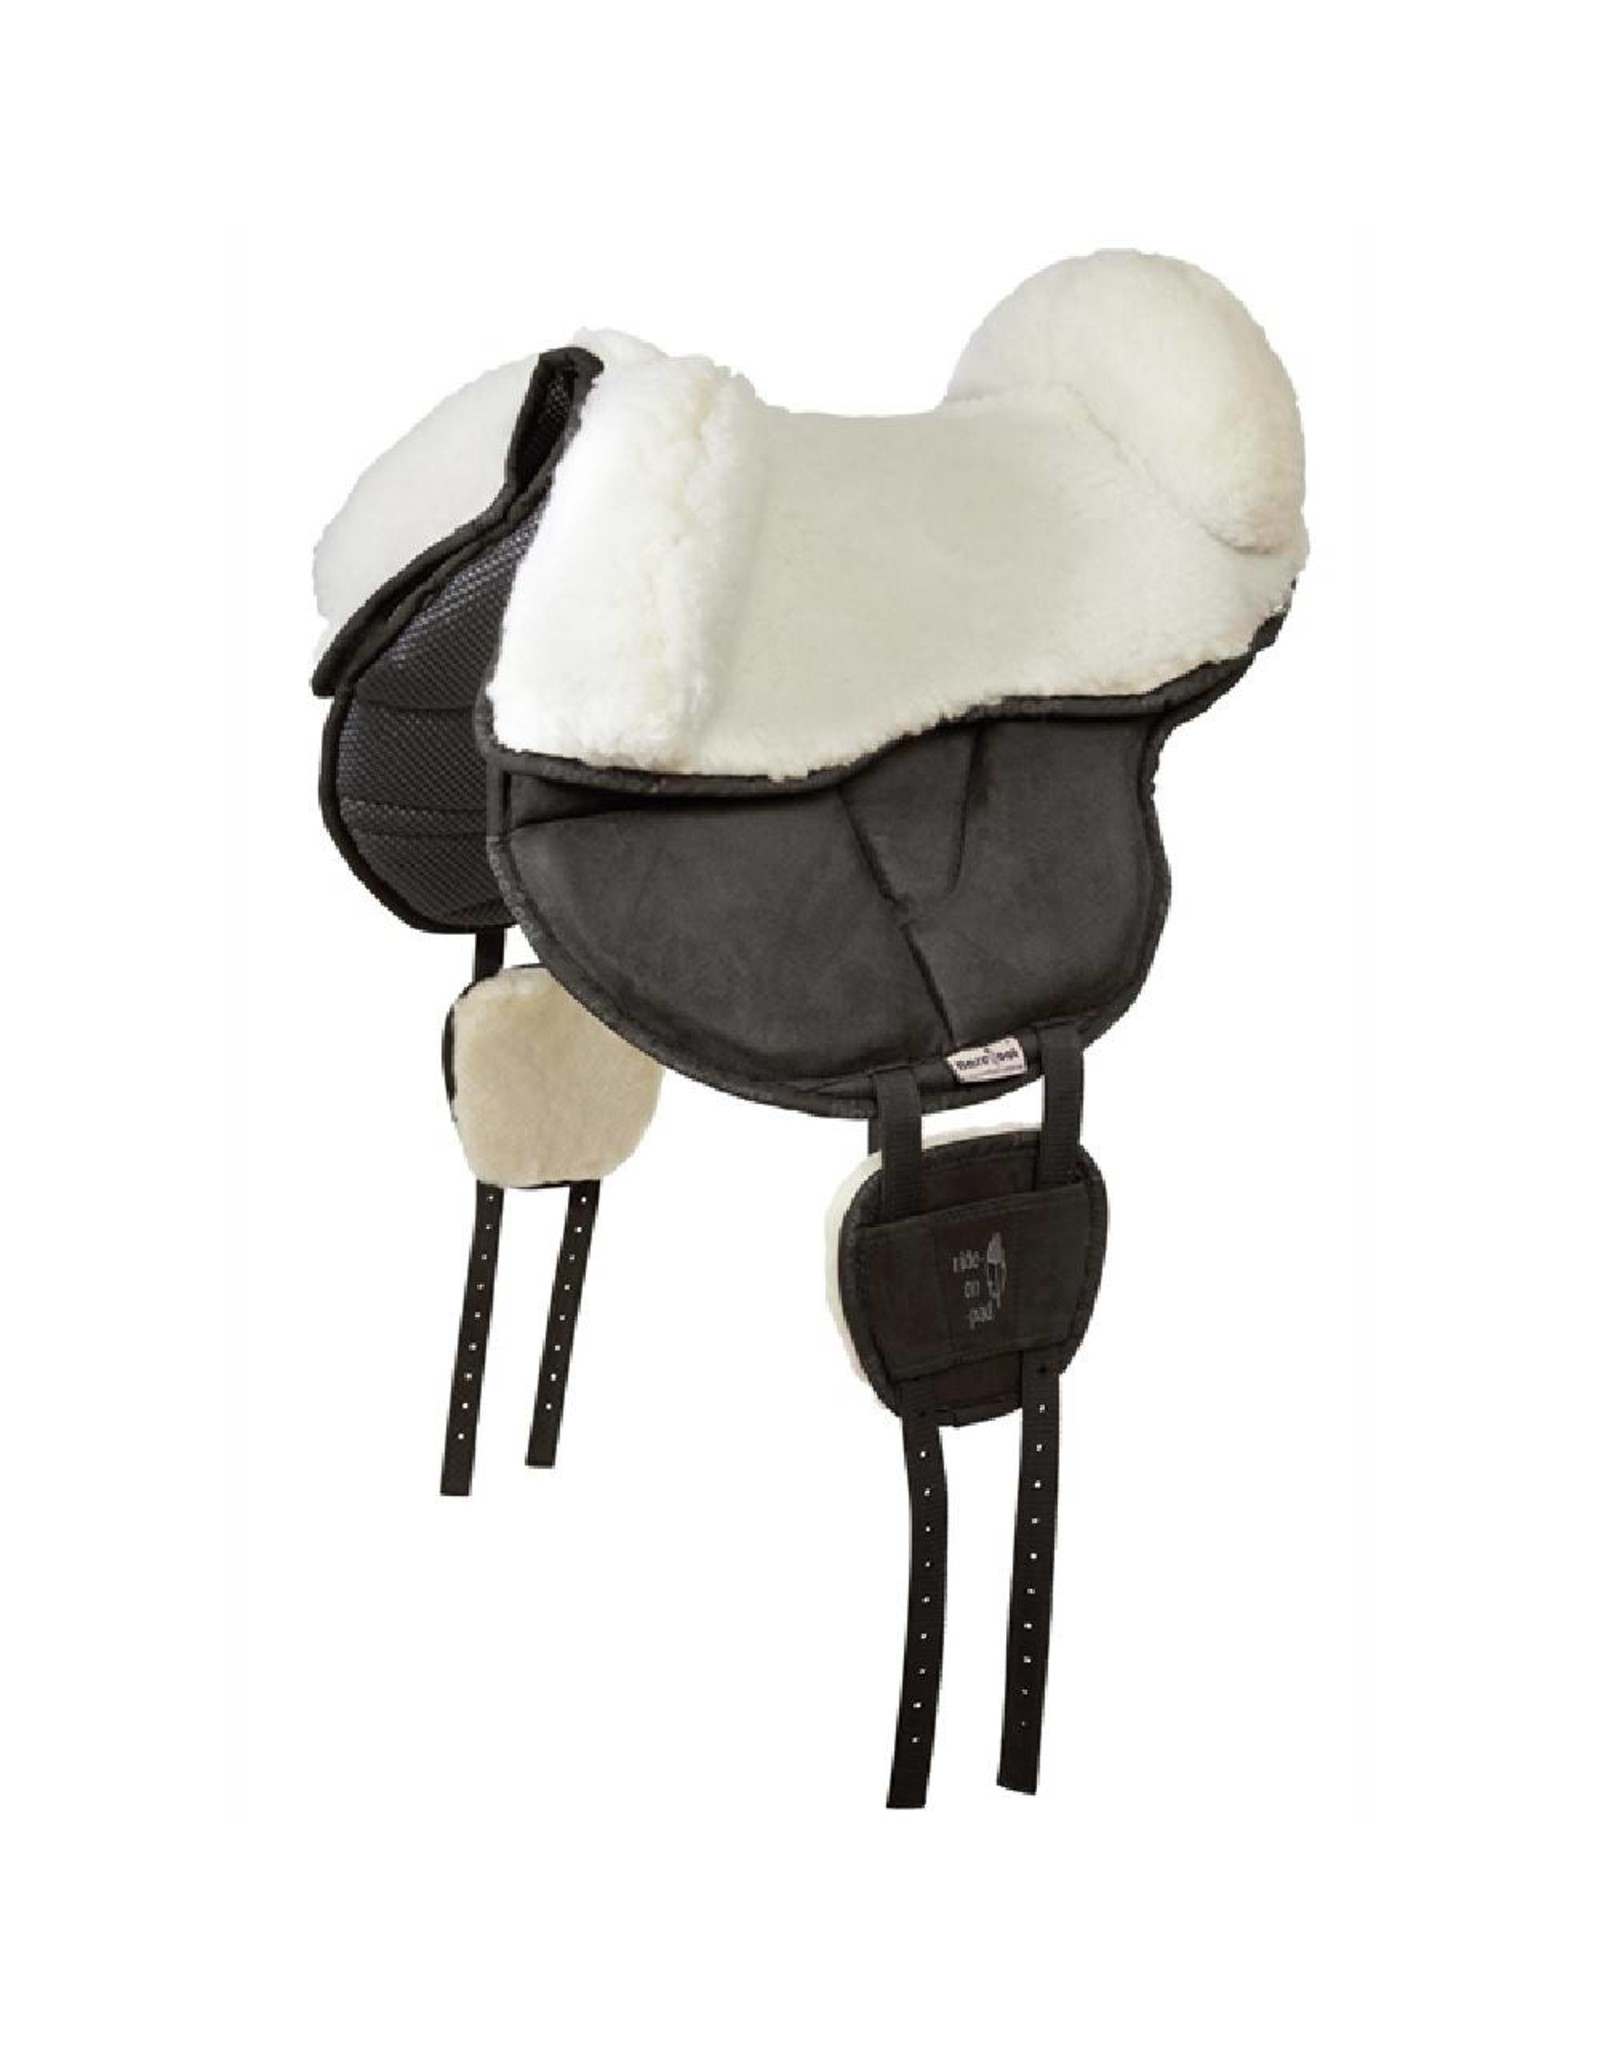 Barefoot Schafswolle Sitzung für Ride on Pad Reitpad